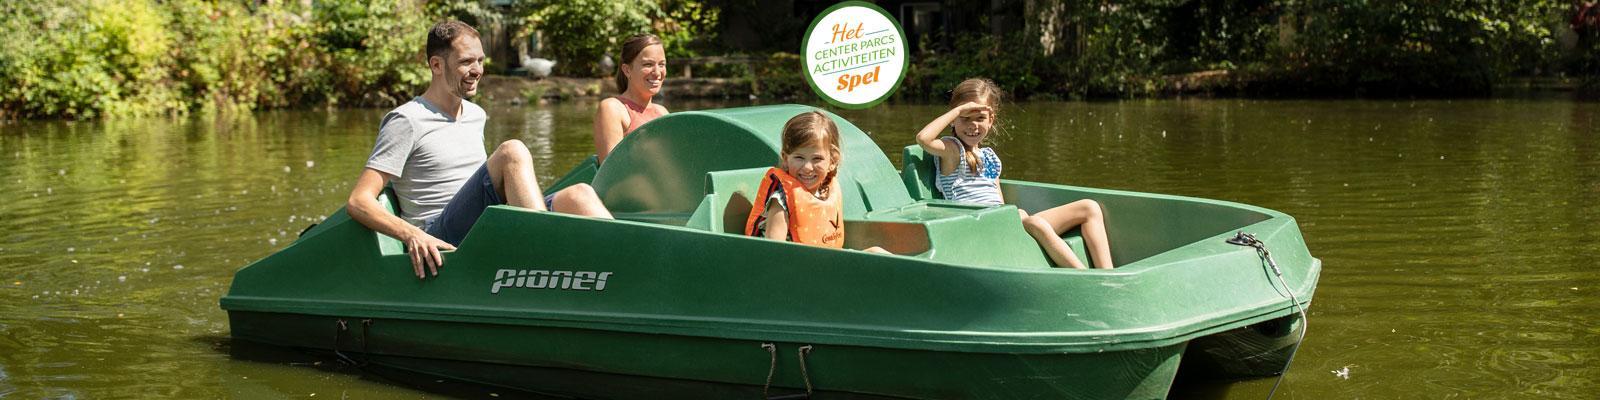 Het Center Parcs Activiteiten Spel Center Parcs